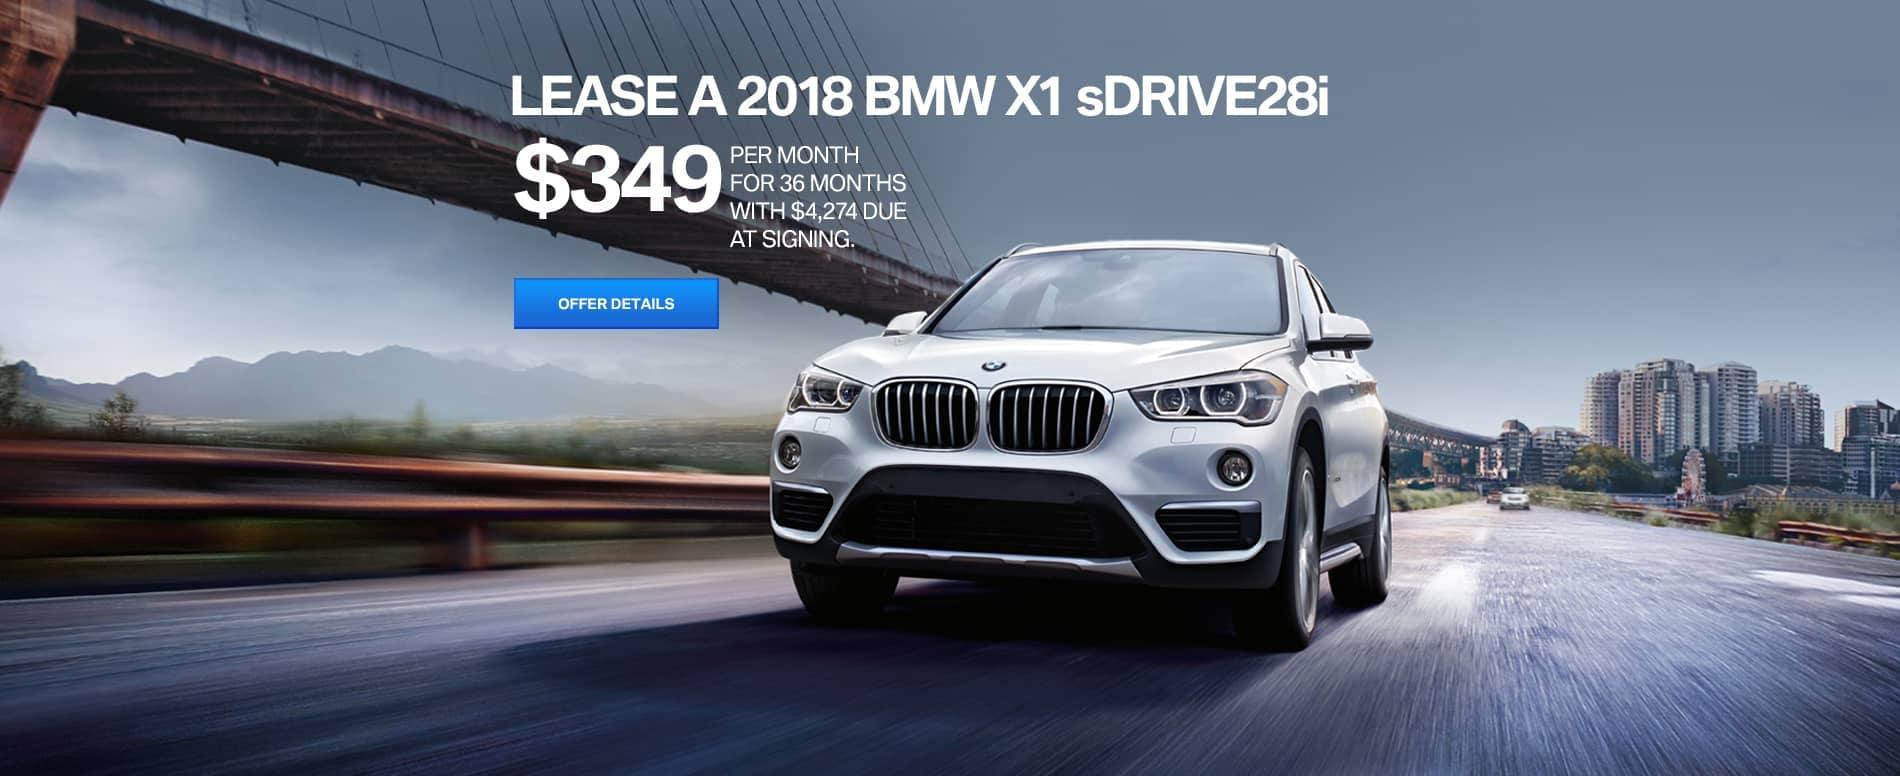 2018_X1_sDrive28i_REGIONAL_LEASE_$349